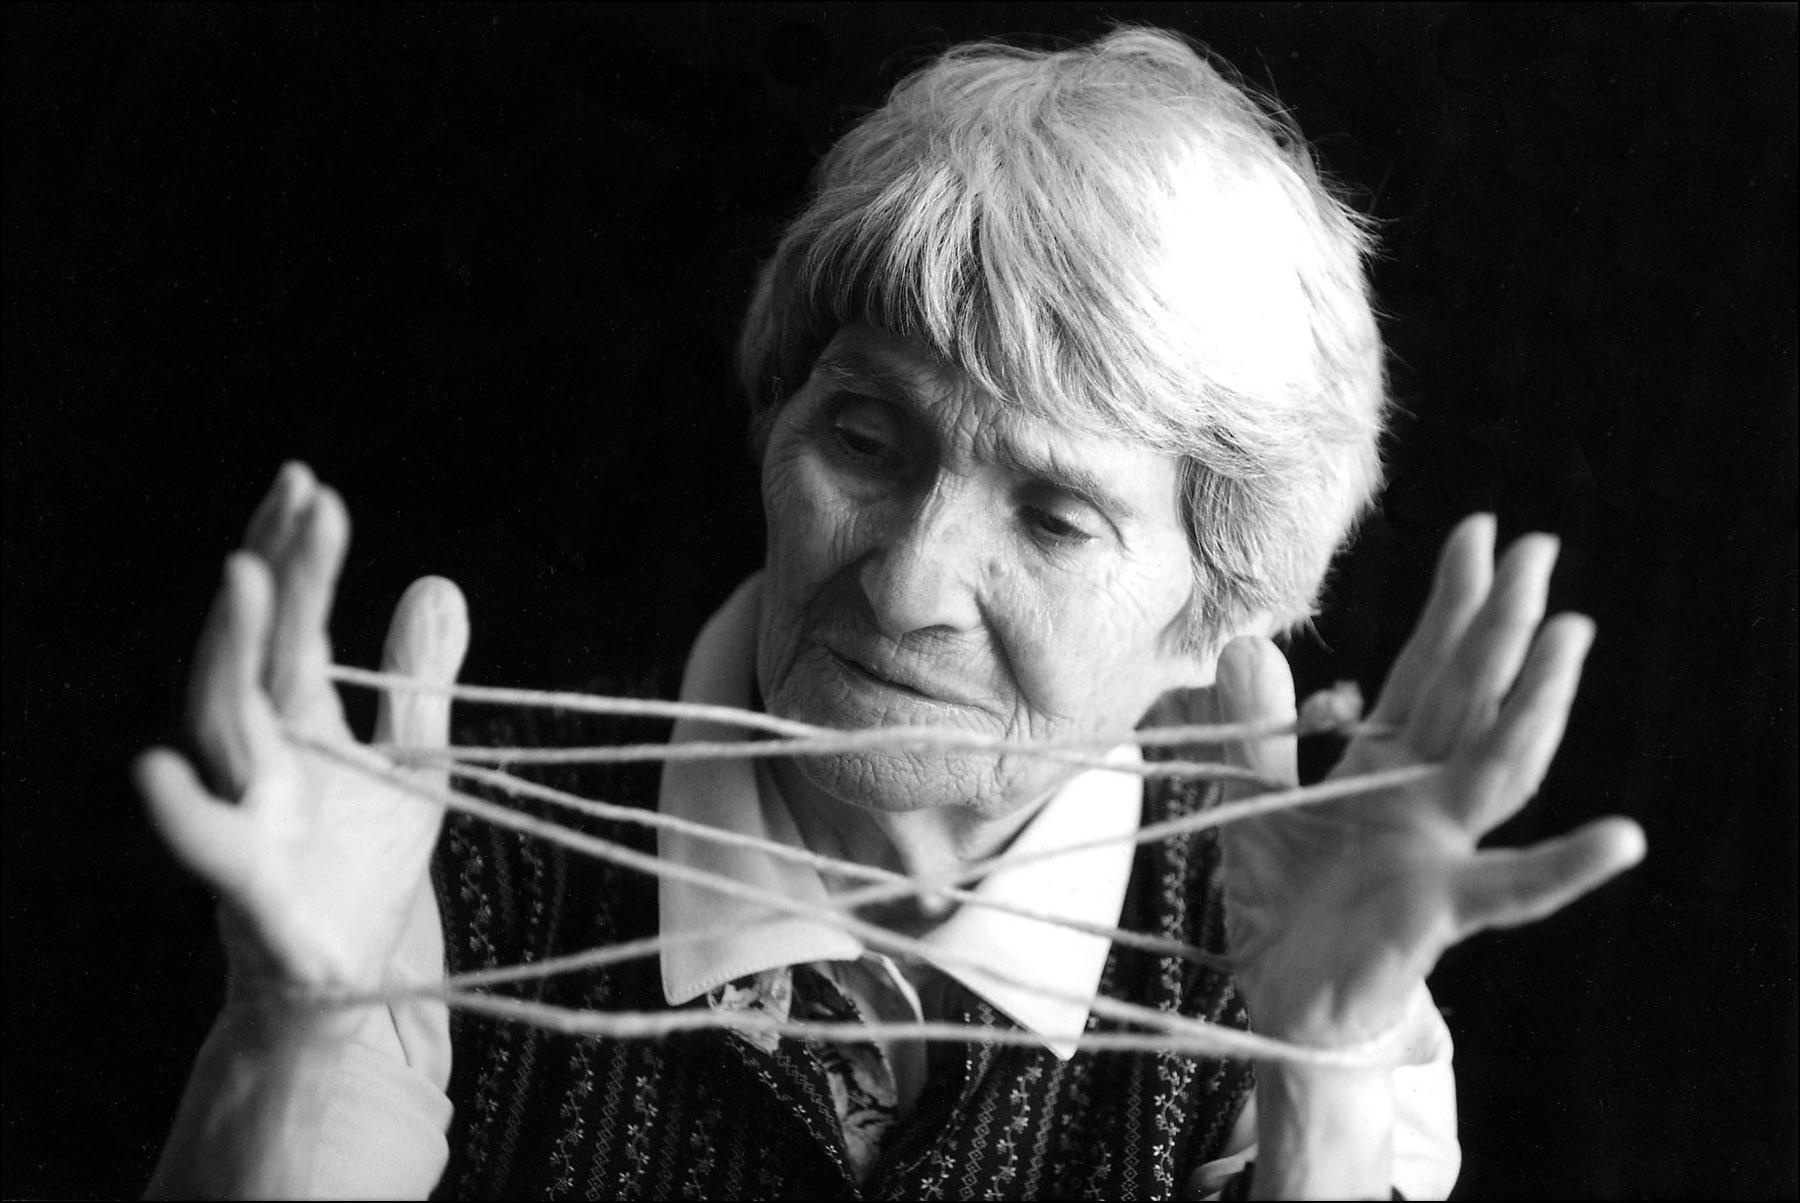 Addio all'artista sarda Maria Lai: 93 anni di grandi opere e di ispirazione per il mondo intero